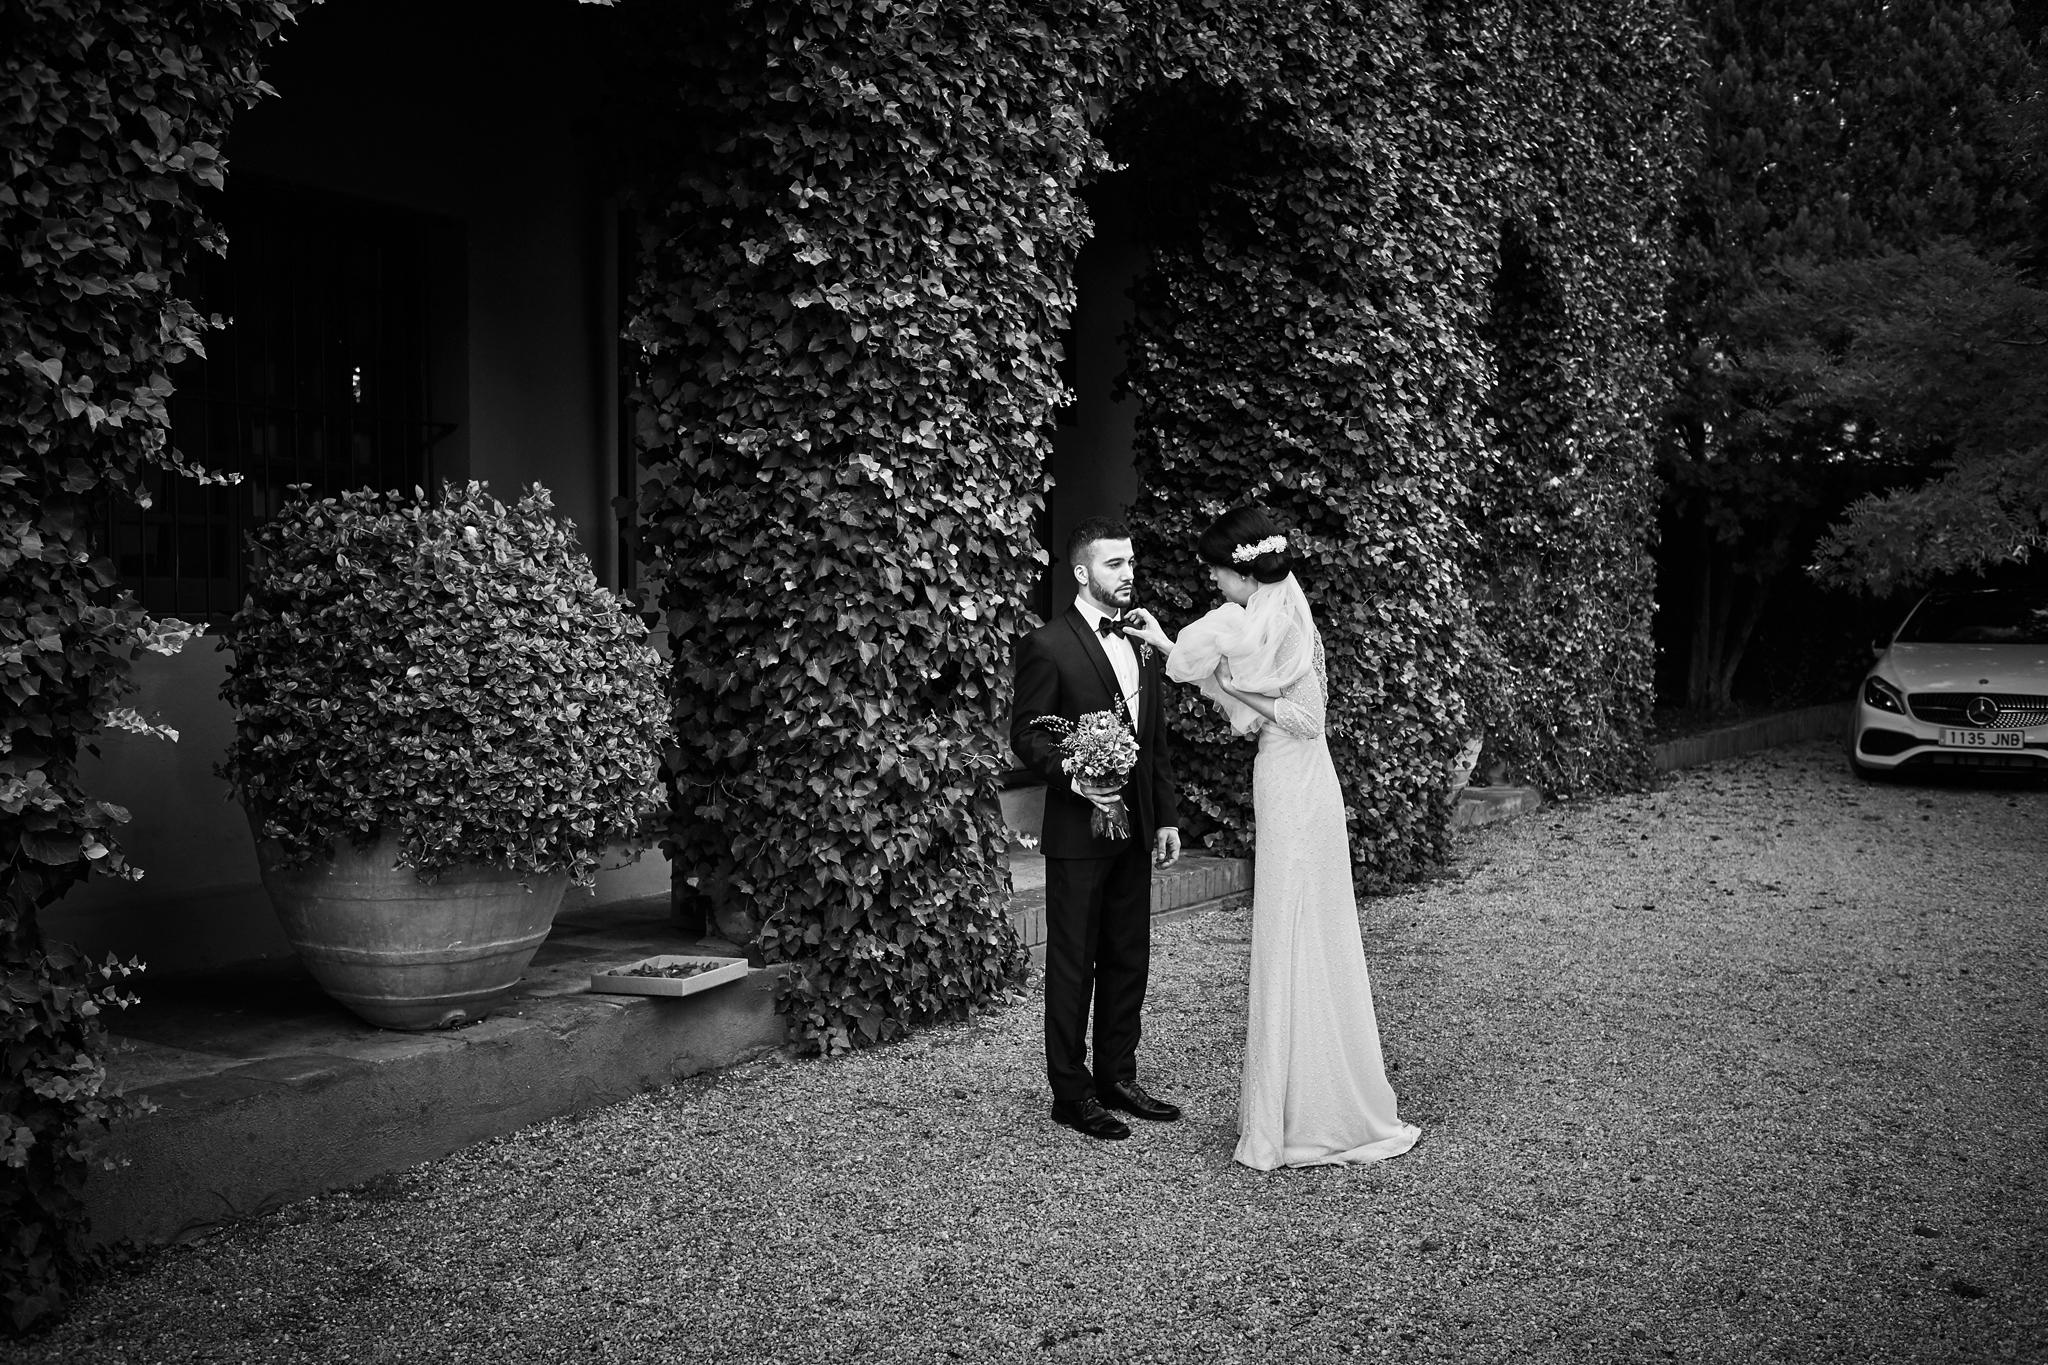 fotografia-boda-barcelona17.jpg